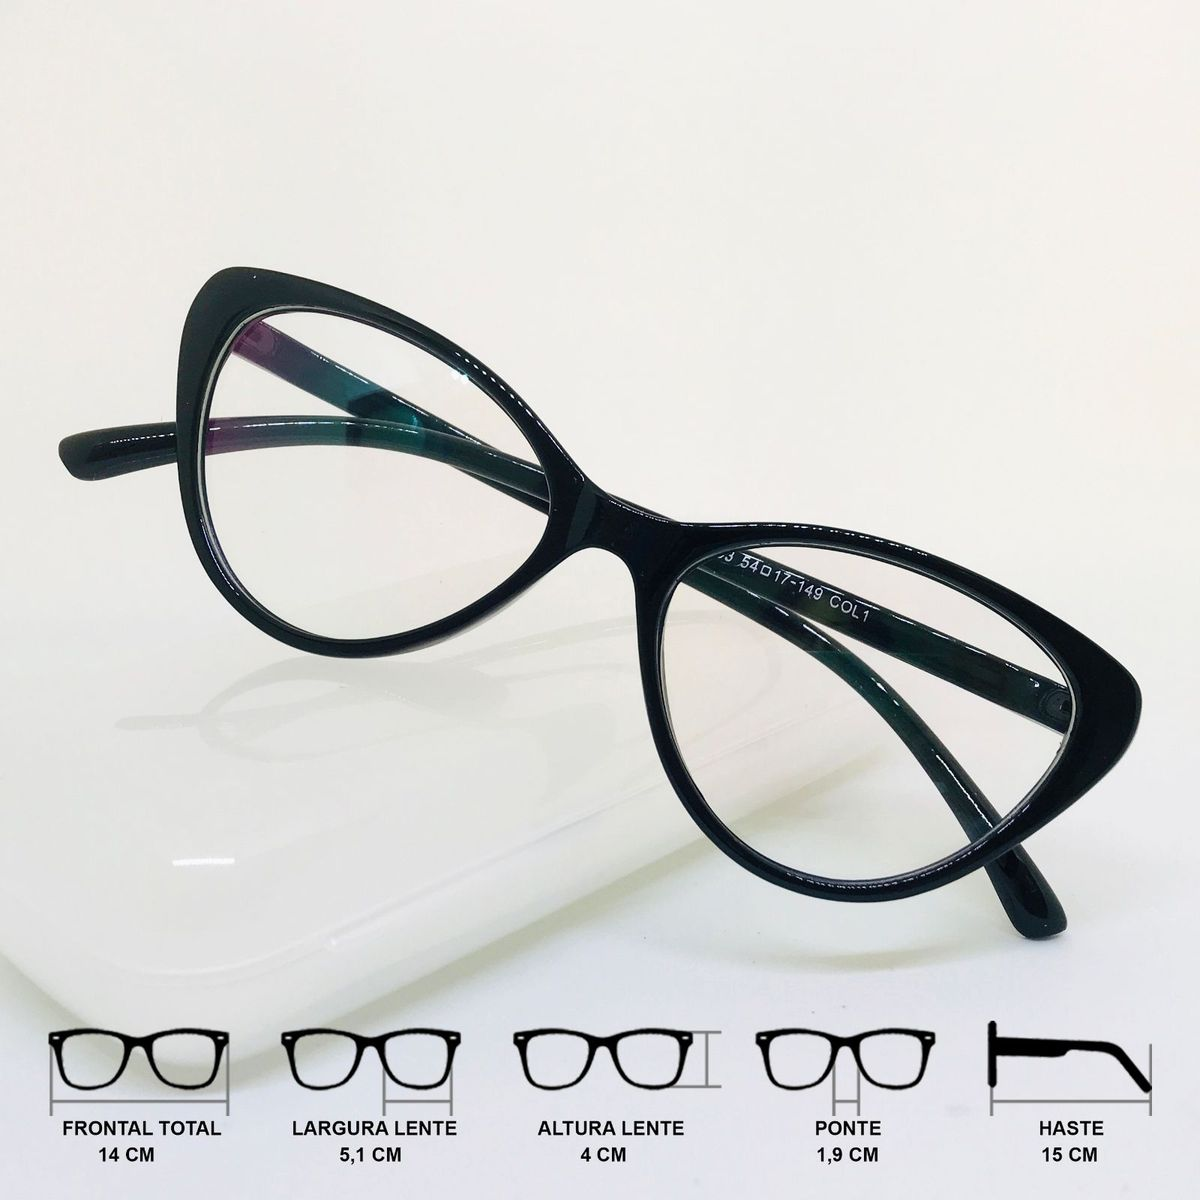 6229dd4a4 armação óculos para grau feminino gatinho cat eye degradê preto - óculos  sem marca